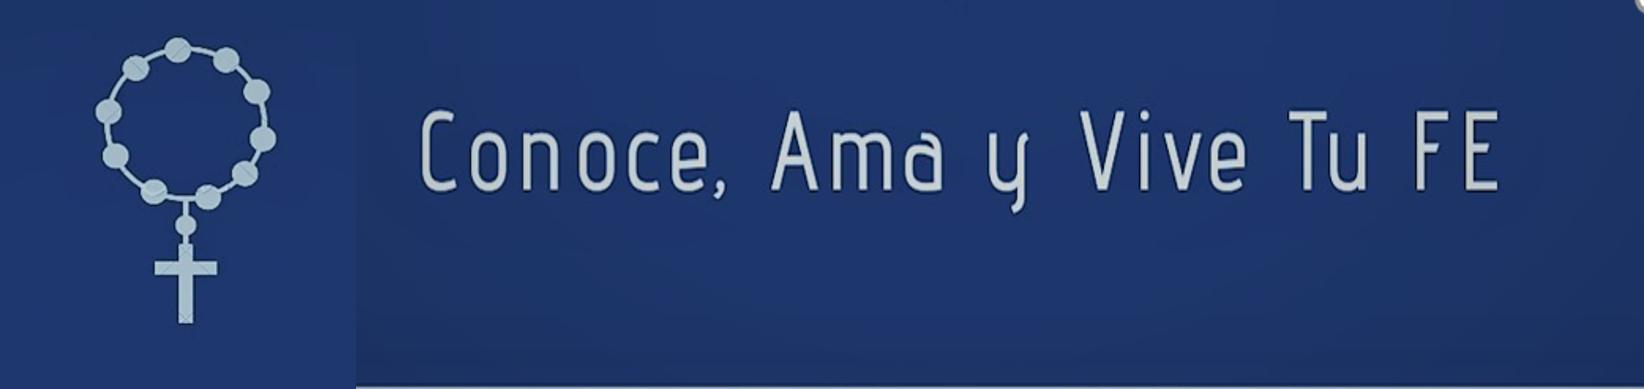 CONOCE, AMA Y VIVE TU FE header image